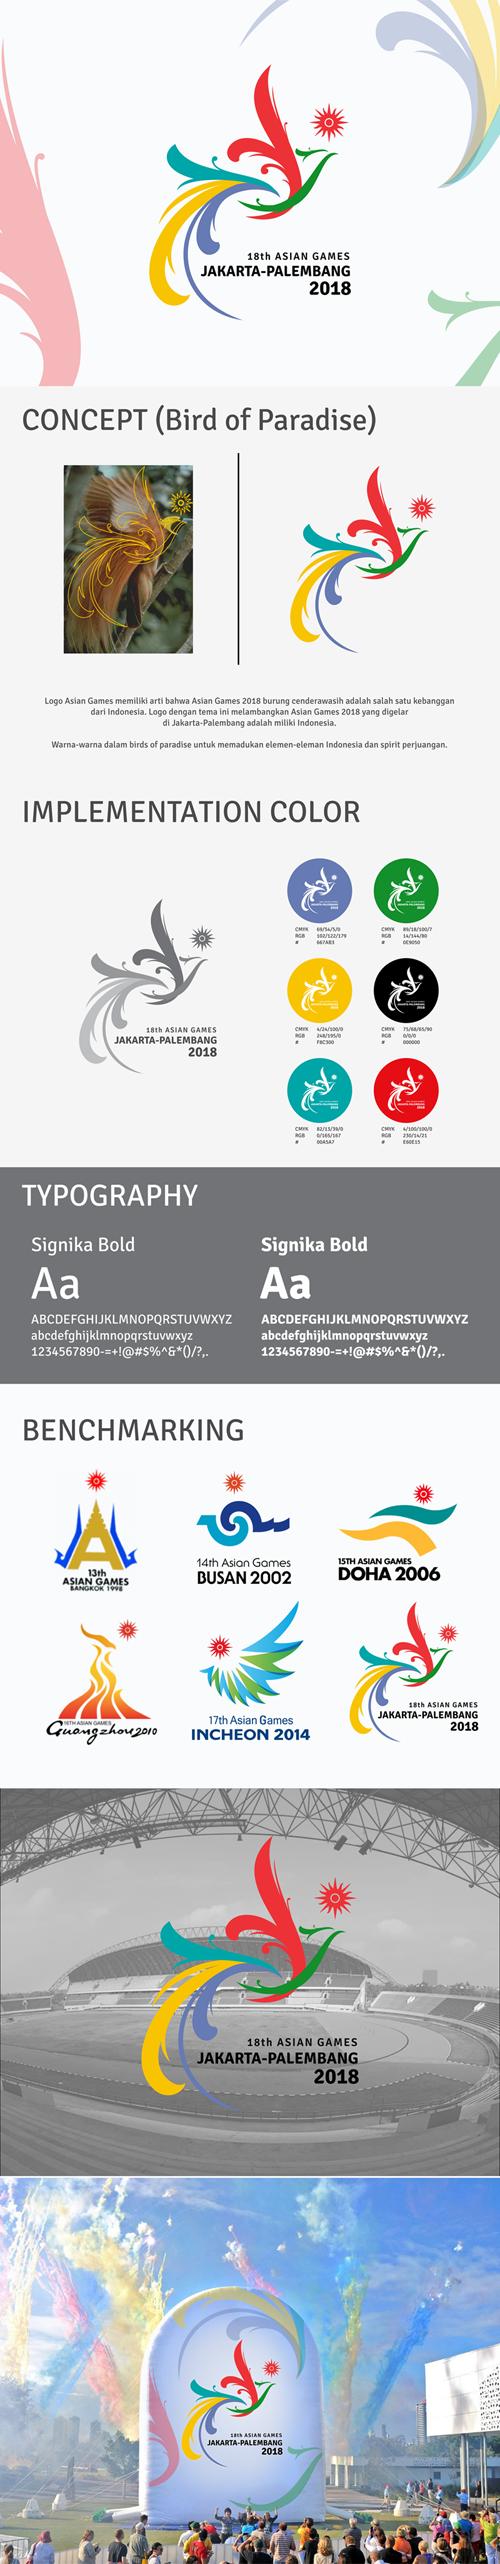 Logo Asian Games 2018 Png : asian, games, Re-Design, Asian, Games, Jakarta-Palembang, Ardyne, Games,, Inspirasi